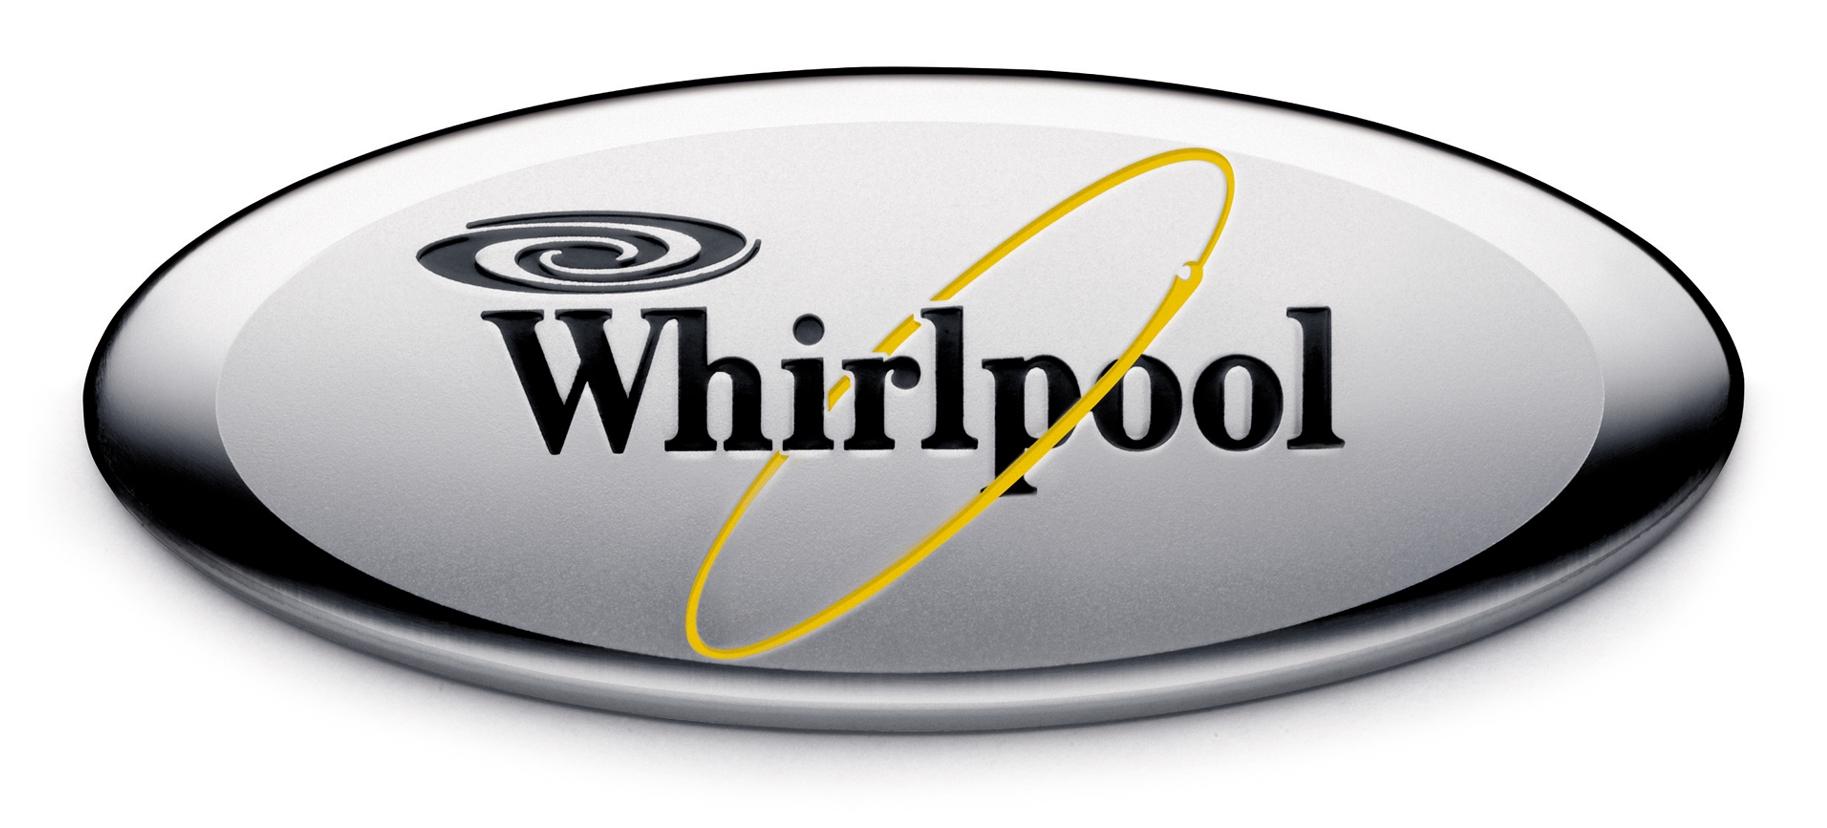 centro de consejos erepuestos c digos de error para lavadoras whirlpool consejos erepuestos. Black Bedroom Furniture Sets. Home Design Ideas